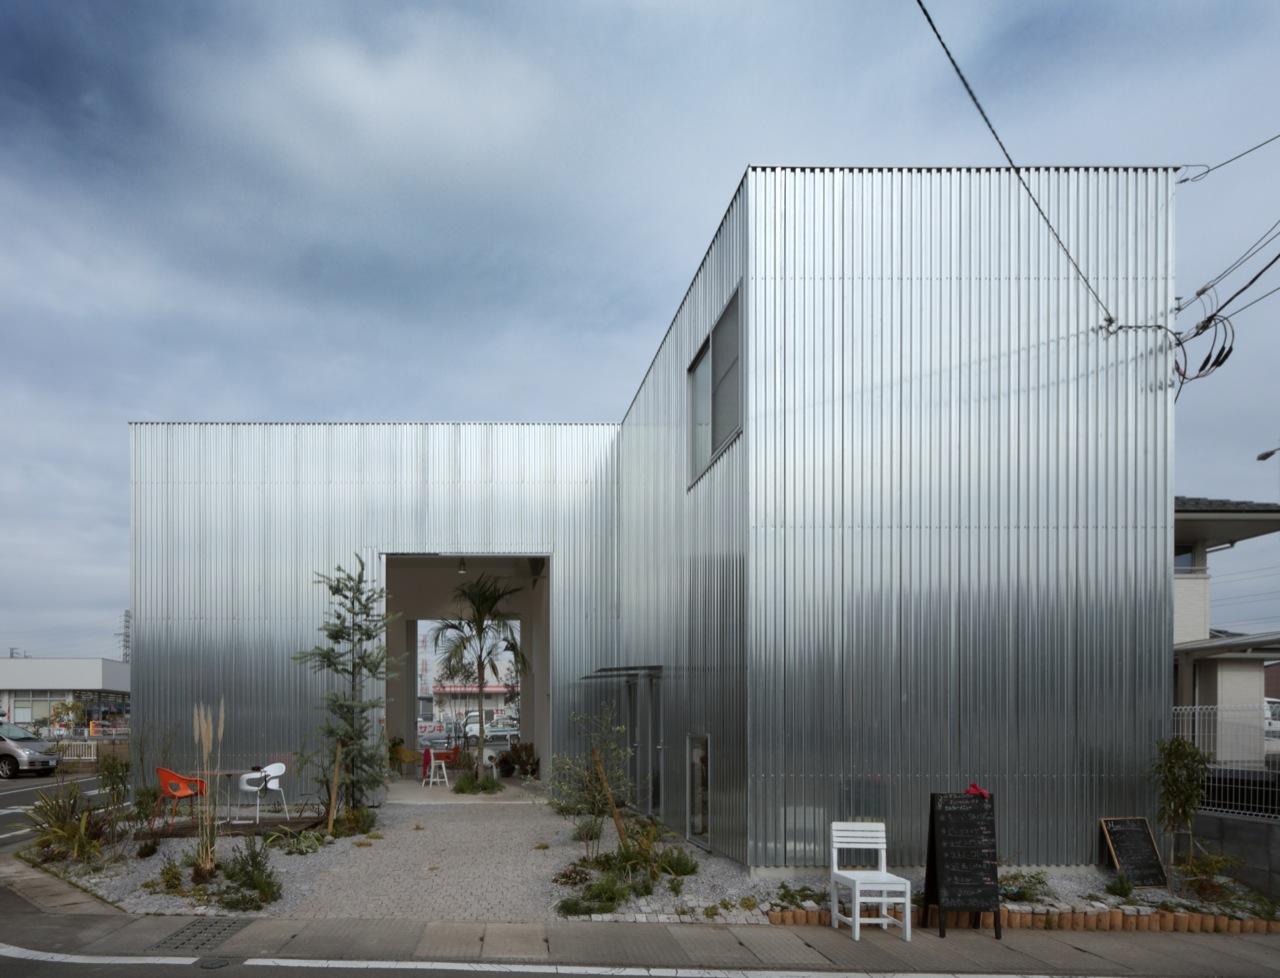 Airy house / Ikimono Architects, Courtesy of Takashi Fujino / Ikimono Architects